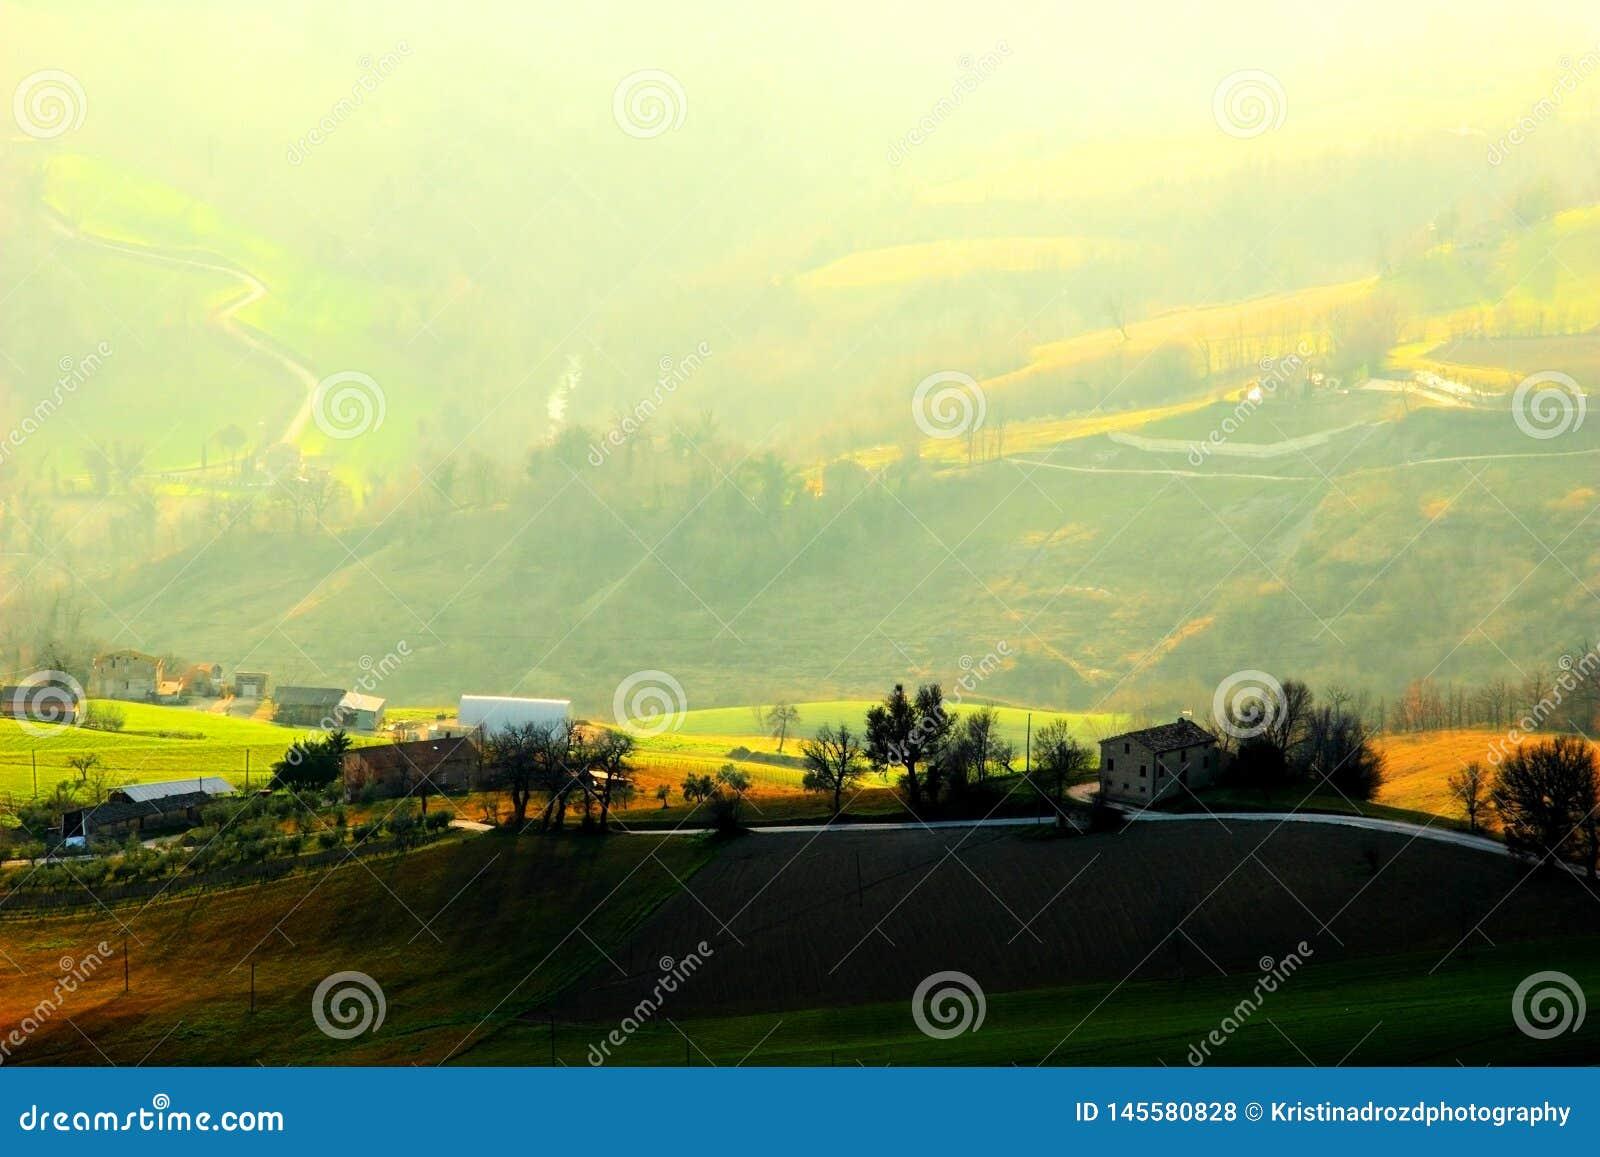 Verscheidene huizen op de gebieden met een schilderachtige mening op de achtergrond